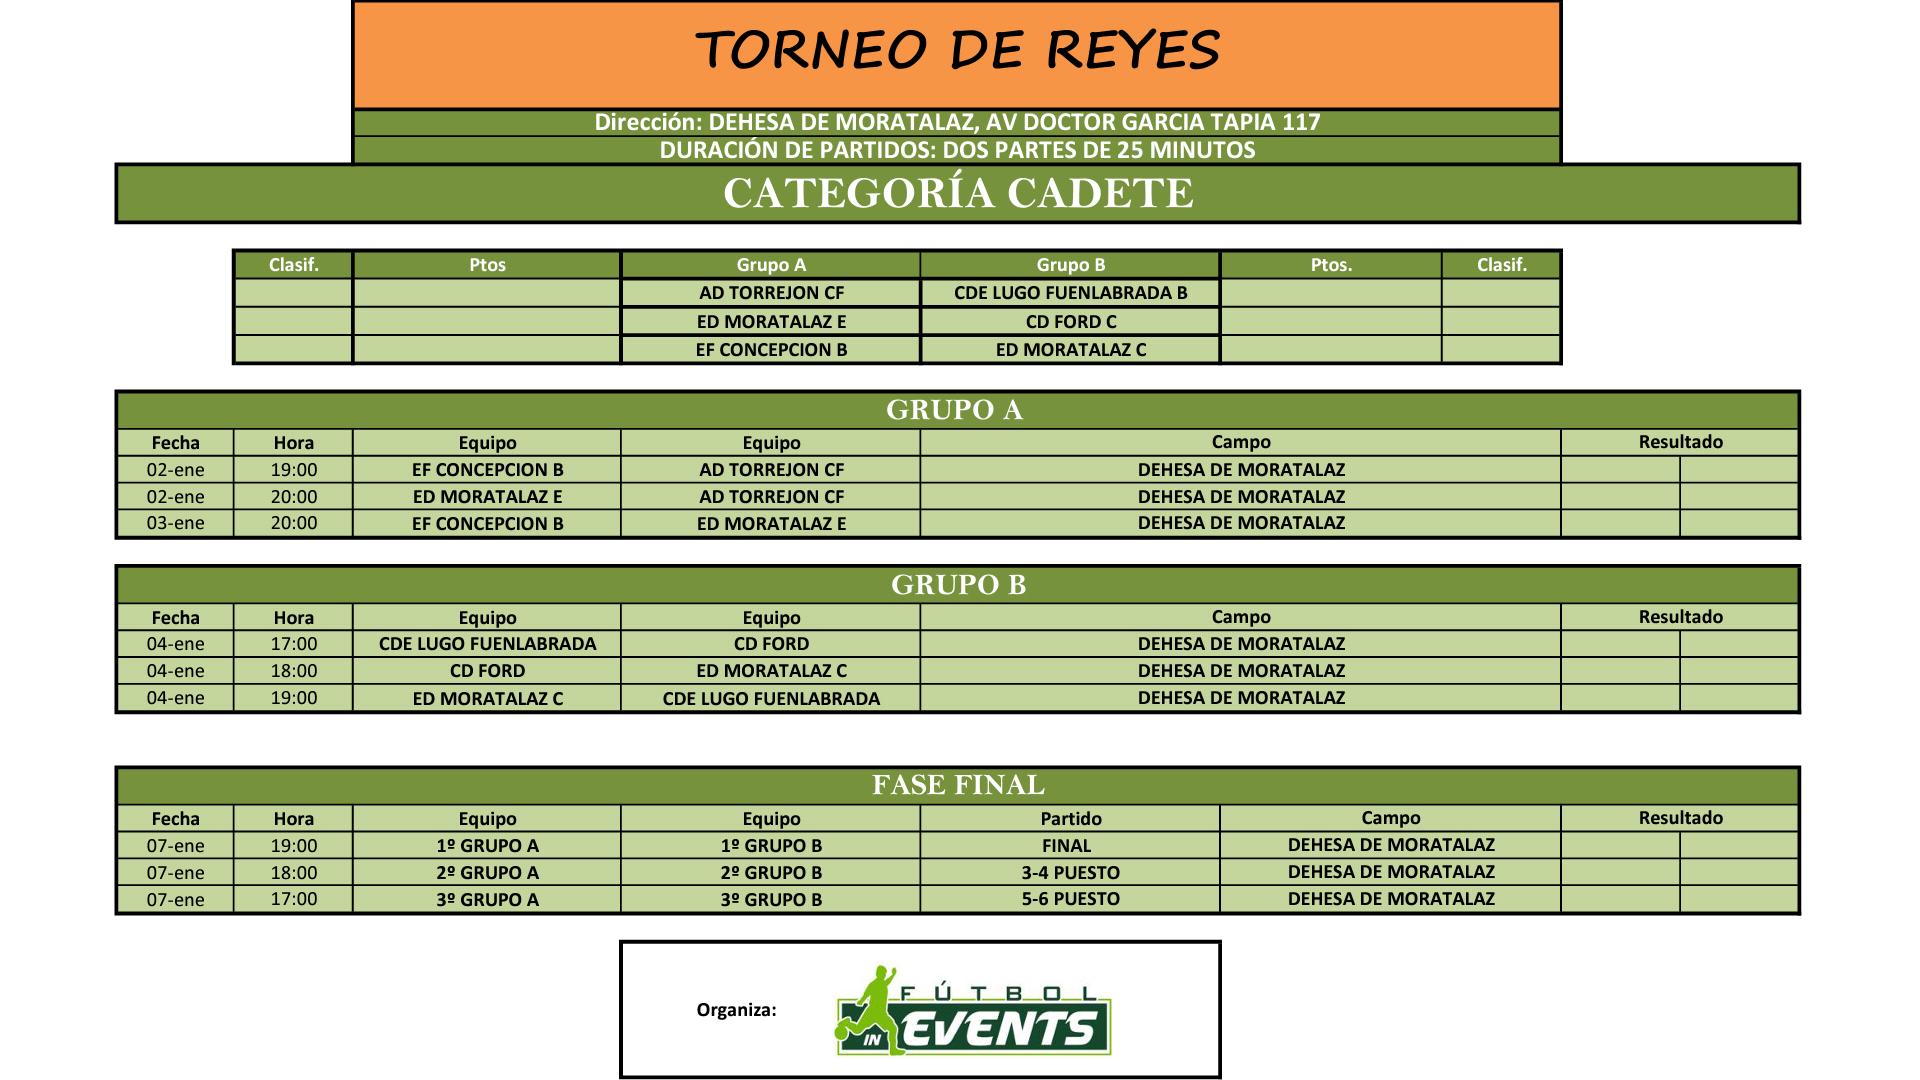 Torneo de Reyes